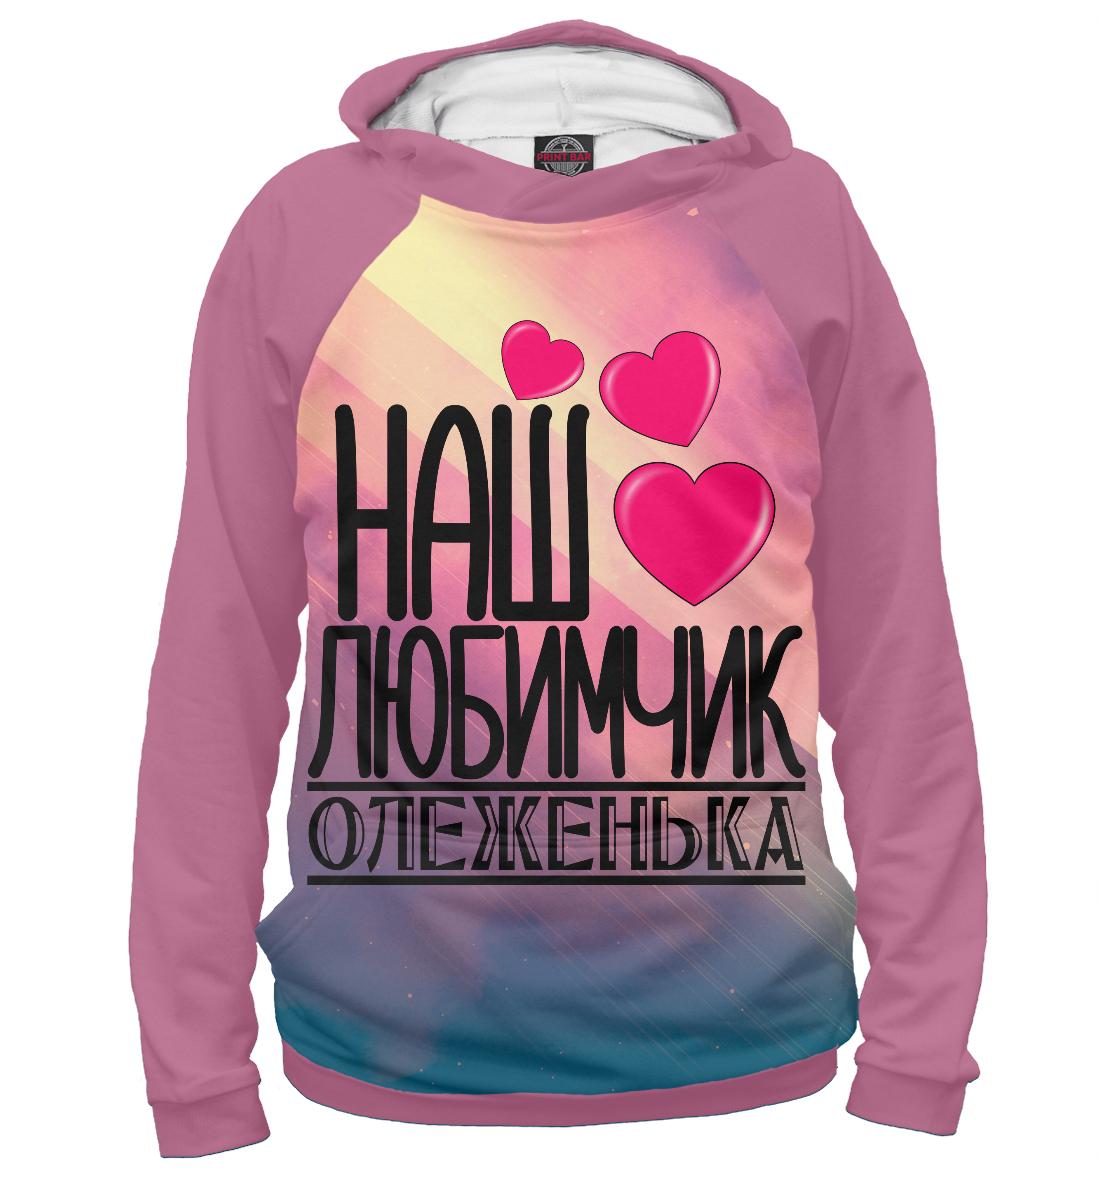 Купить Любимчик Олеженька, Printbar, Худи, IMR-660047-hud